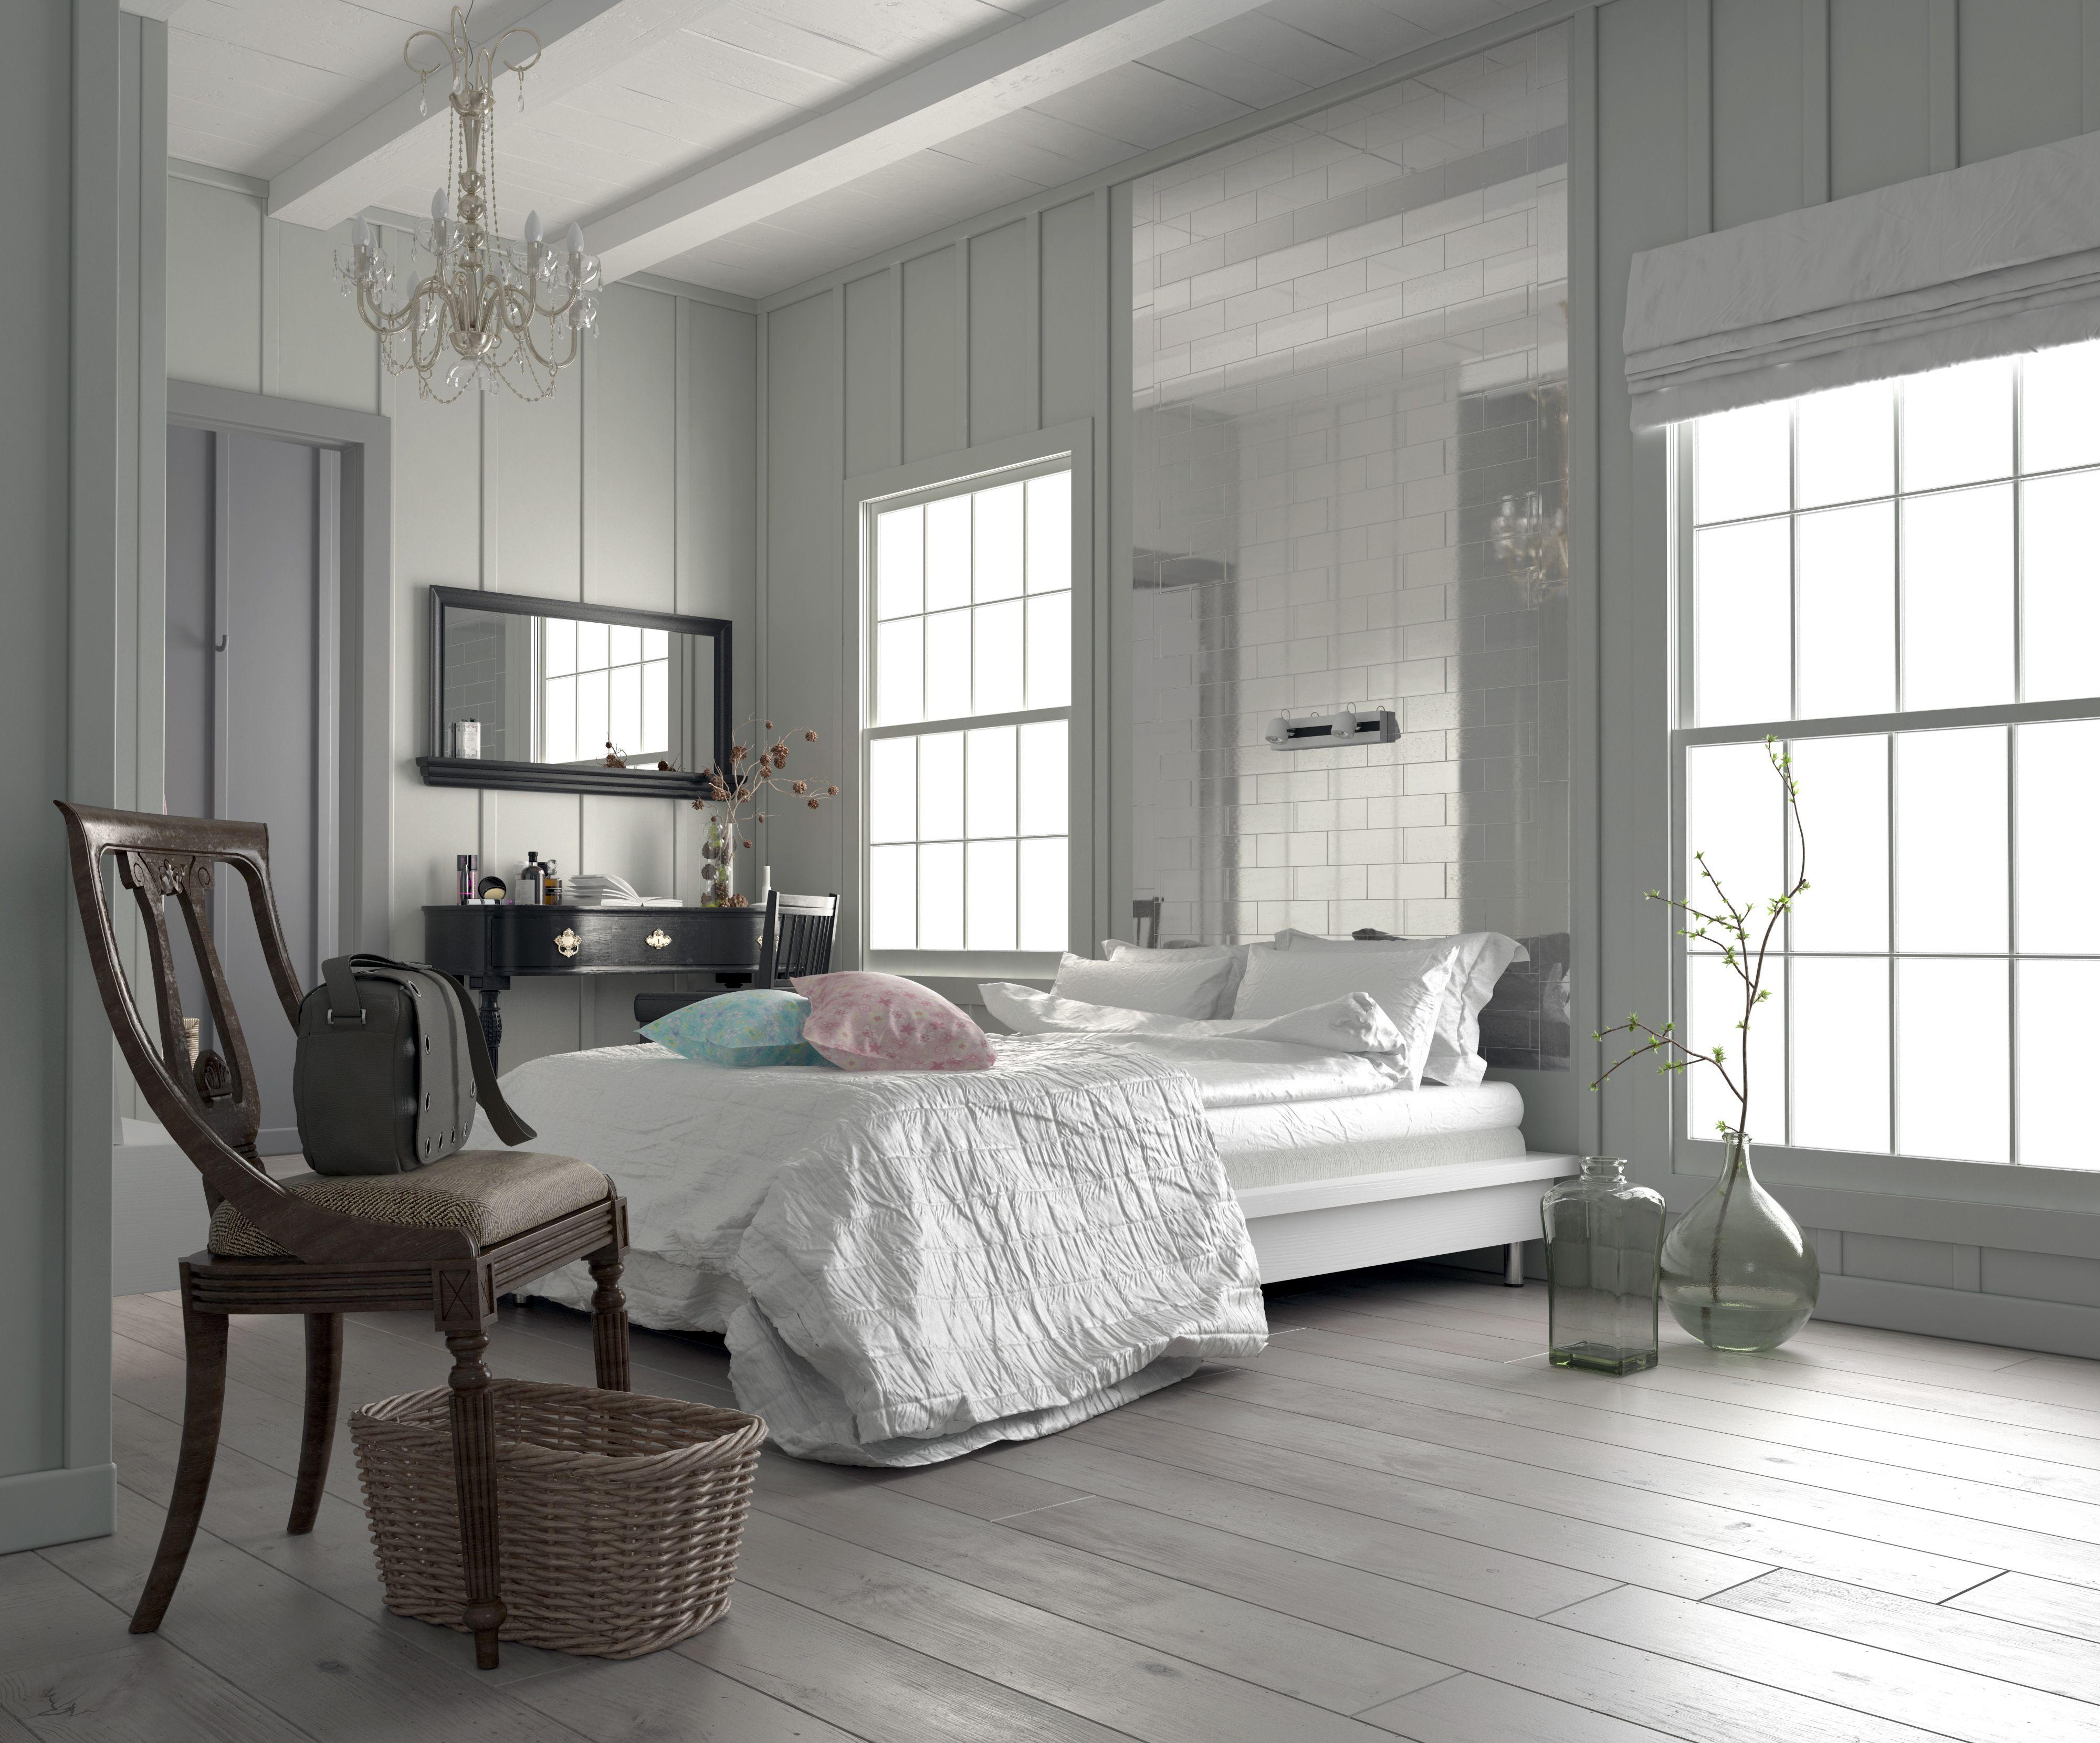 Luxus Flooring In Bedroom Grey Vinyl Plank Flooring Luxury Vinyl Plank Flooring Vinyl Flooring Kitchen